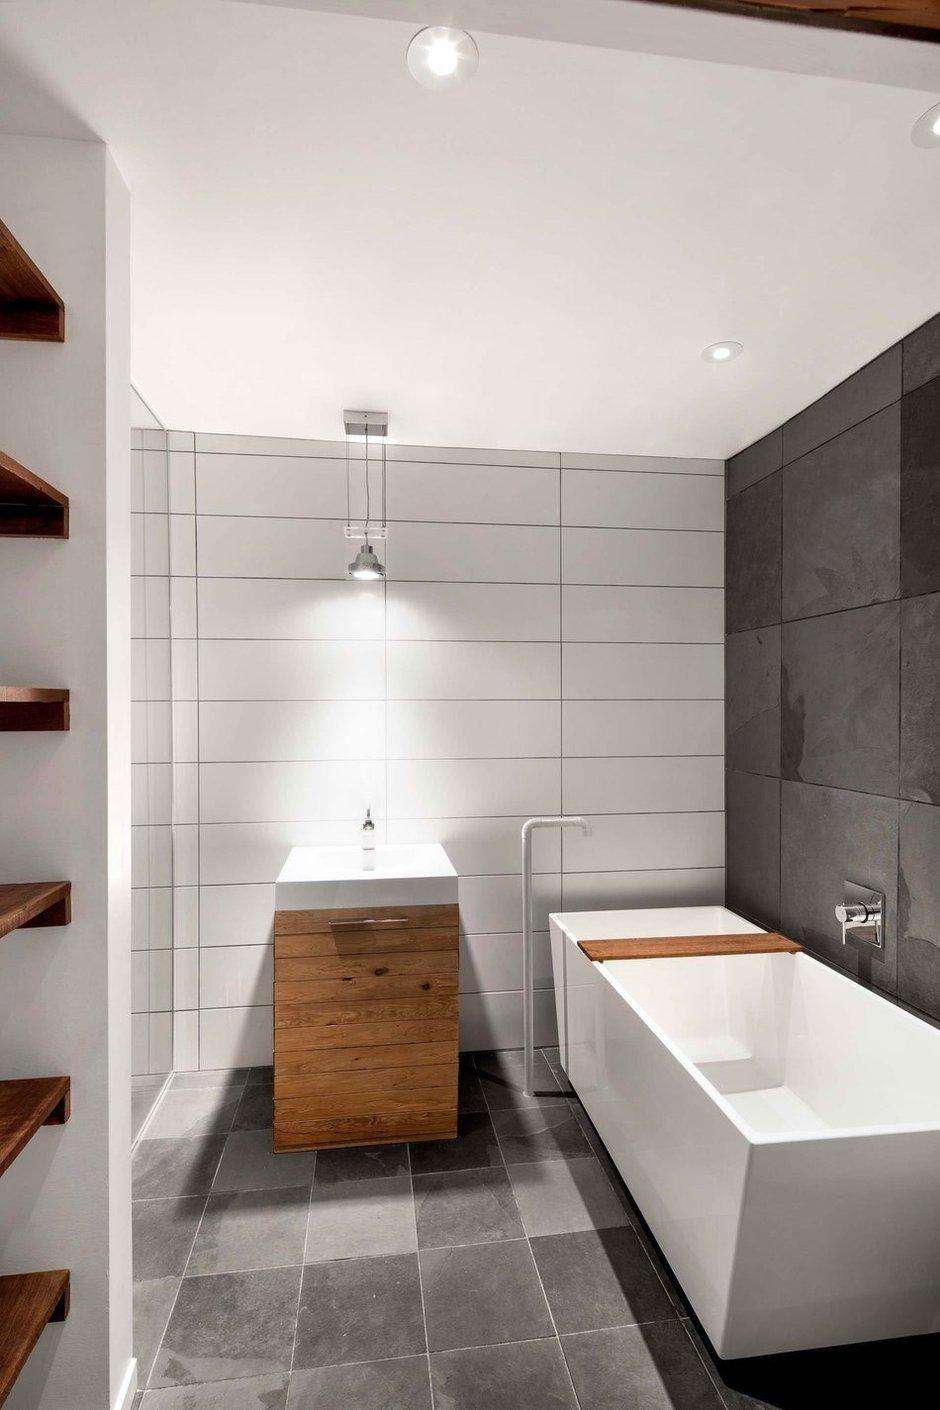 Фотография: Ванная в стиле Лофт, Дом, Дома и квартиры, напольное покрытие – фото на InMyRoom.ru